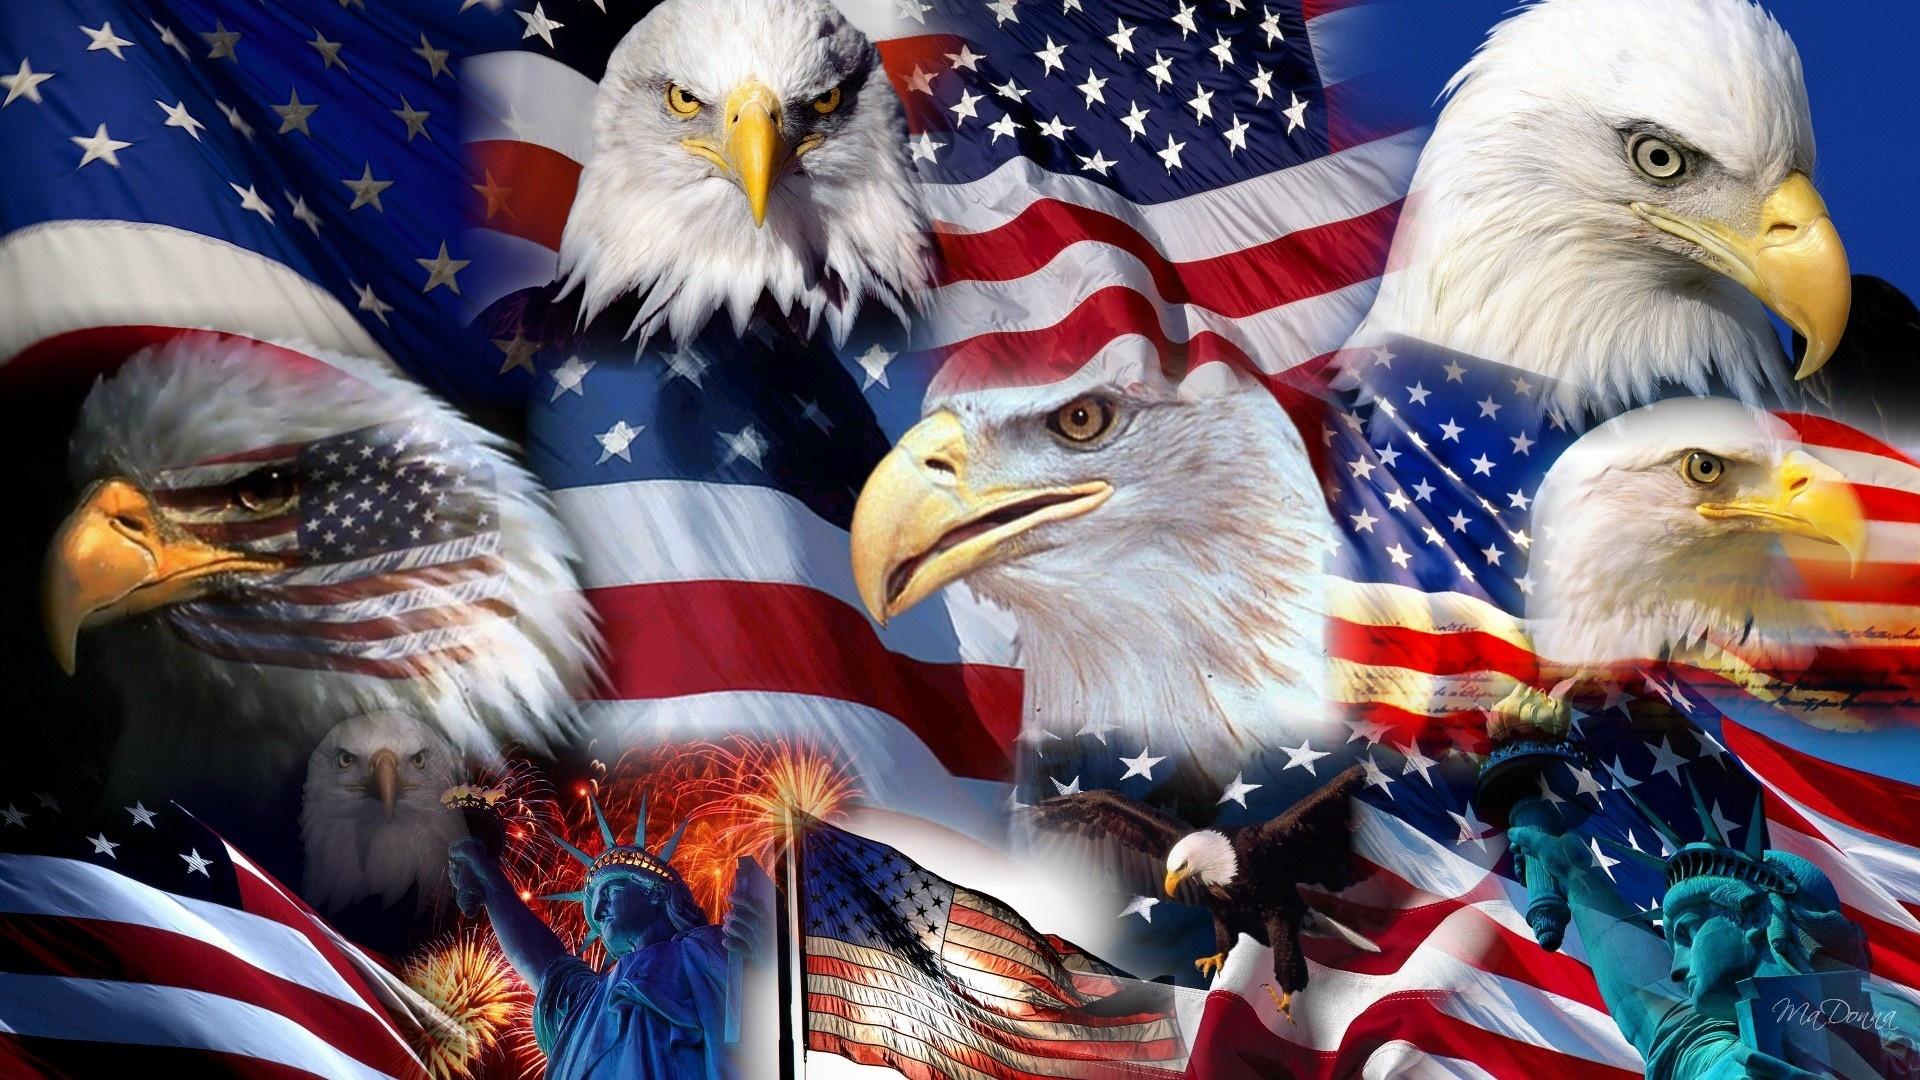 Patriotic Desktop Backgrounds wallpaper Patriotic Desktop 1920x1080